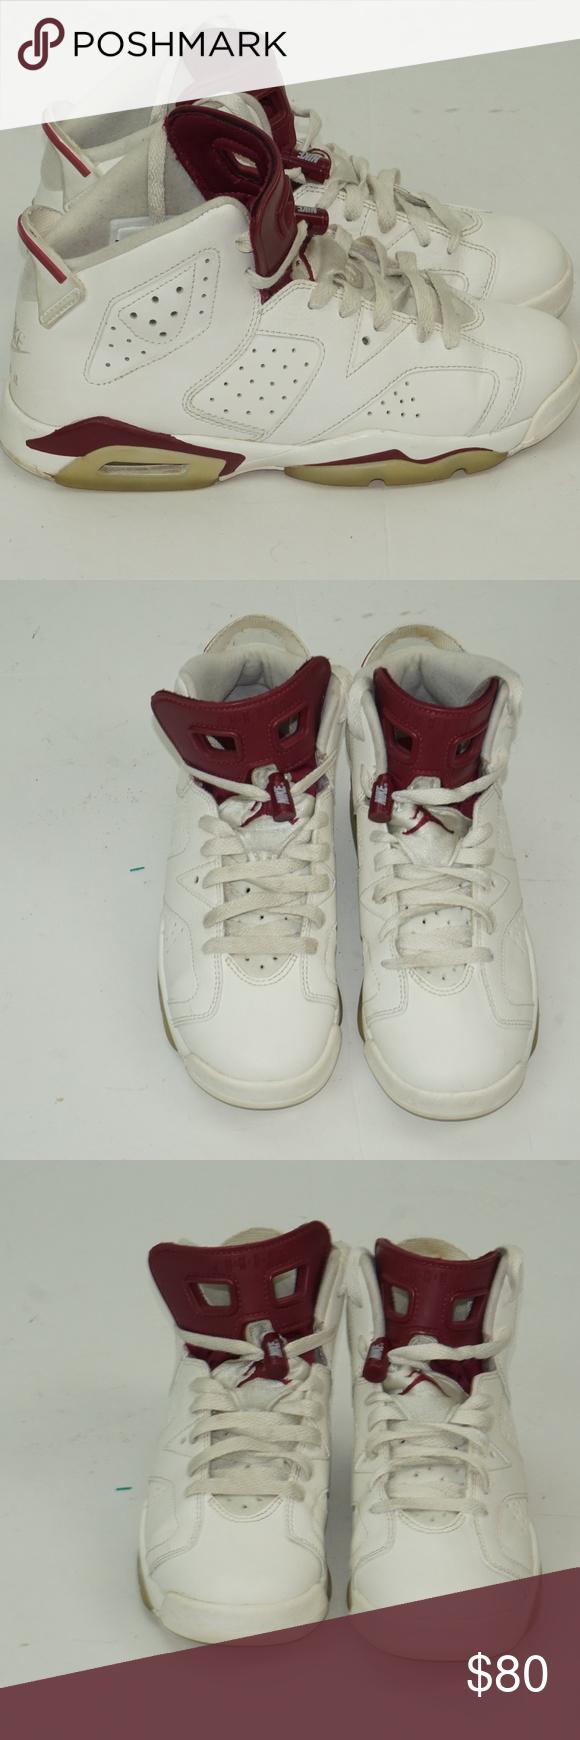 83ba554fc766ef Nike Air Jordan 6 Retro OG BG Shoes Youth Air Jordan 6 Retro OG BG Off  White 836342-115 Size 6.5Y Nike Shoes Sneakers